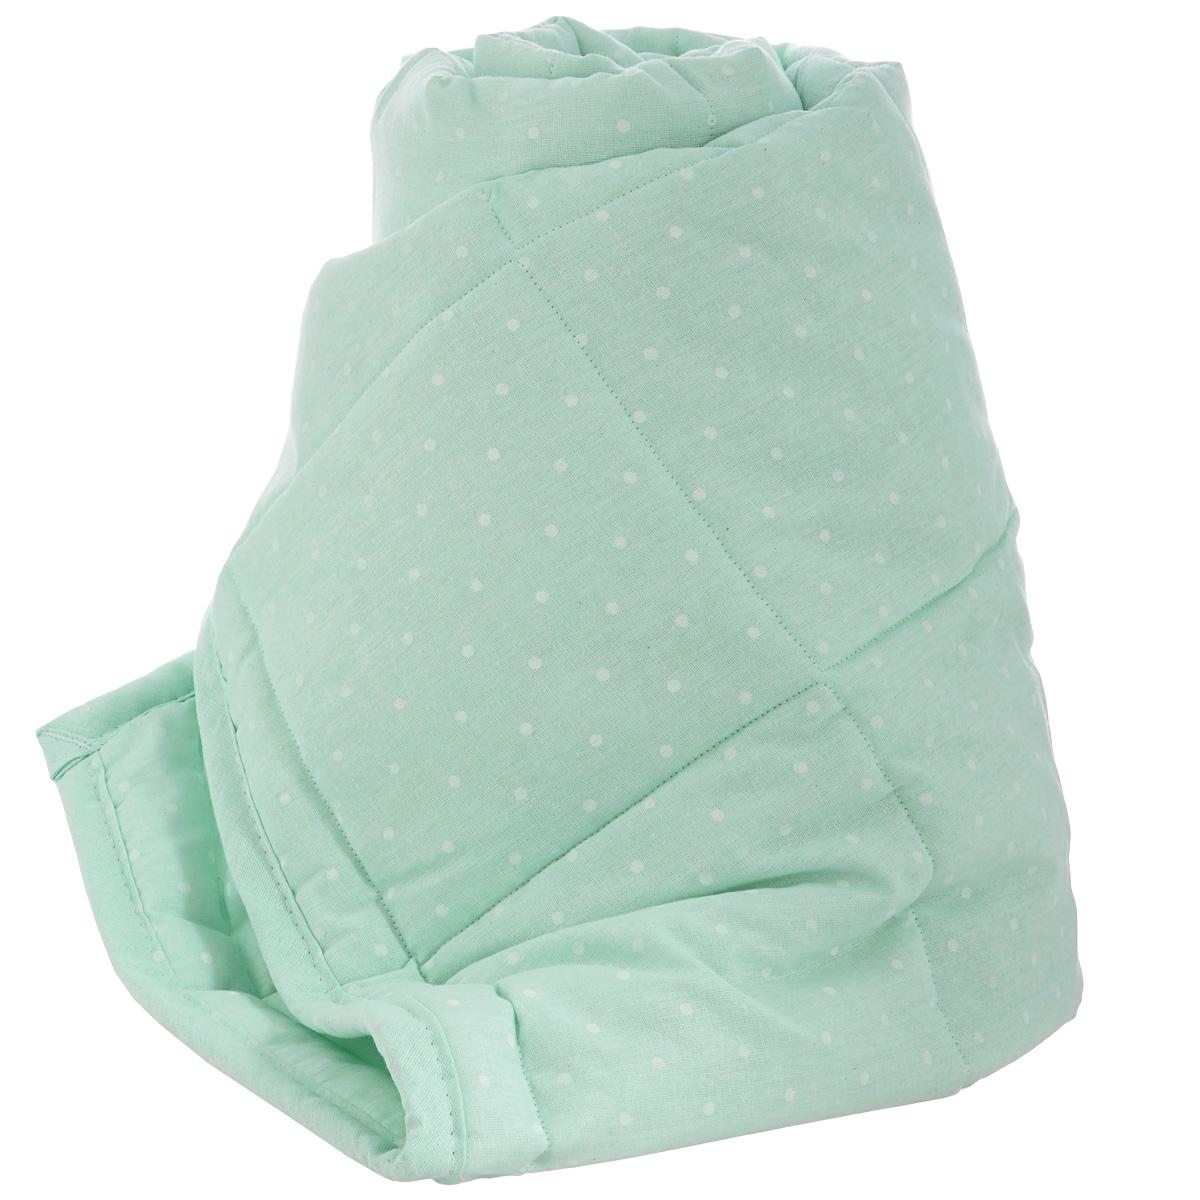 """Детское стеганое одеяло """"Baby Nice"""" изготовлено из натурального 100% хлопка. Такое одеяло будет бережно хранить безмятежный сон вашего ребенка. Наполнитель одеяла состоит из 25% бамбука и 75% файбера. Одеяла с наполнителем из бамбукового волокна - невероятно мягкие, легкие, прекрасно пропускают воздух, сохраняя при этом тепло. Под таким """"дышащим"""" одеялом ваш малыш не будет потеть. Бамбуковое одеяло известно своими бактерицидными и антисептическими свойствами; оно не вызывает аллергии и раздражений на коже ребенка. Одеяло с наполнителем из бамбукового волокна - прекрасное решение для детской кроватки. Файбер - это инновационный, качественный, легкий и неприхотливый в эксплуатации нетканый материал, который великолепно удерживает тепло, """"дышит"""", является гипоаллергенным, прекрасно стирается, практически не слеживается, быстро сохнет и не впитывает неприятные запахи. Детское одеяло """"Baby Nice"""" - лучший выбор для тех, кто стремится проявить заботу о своем..."""